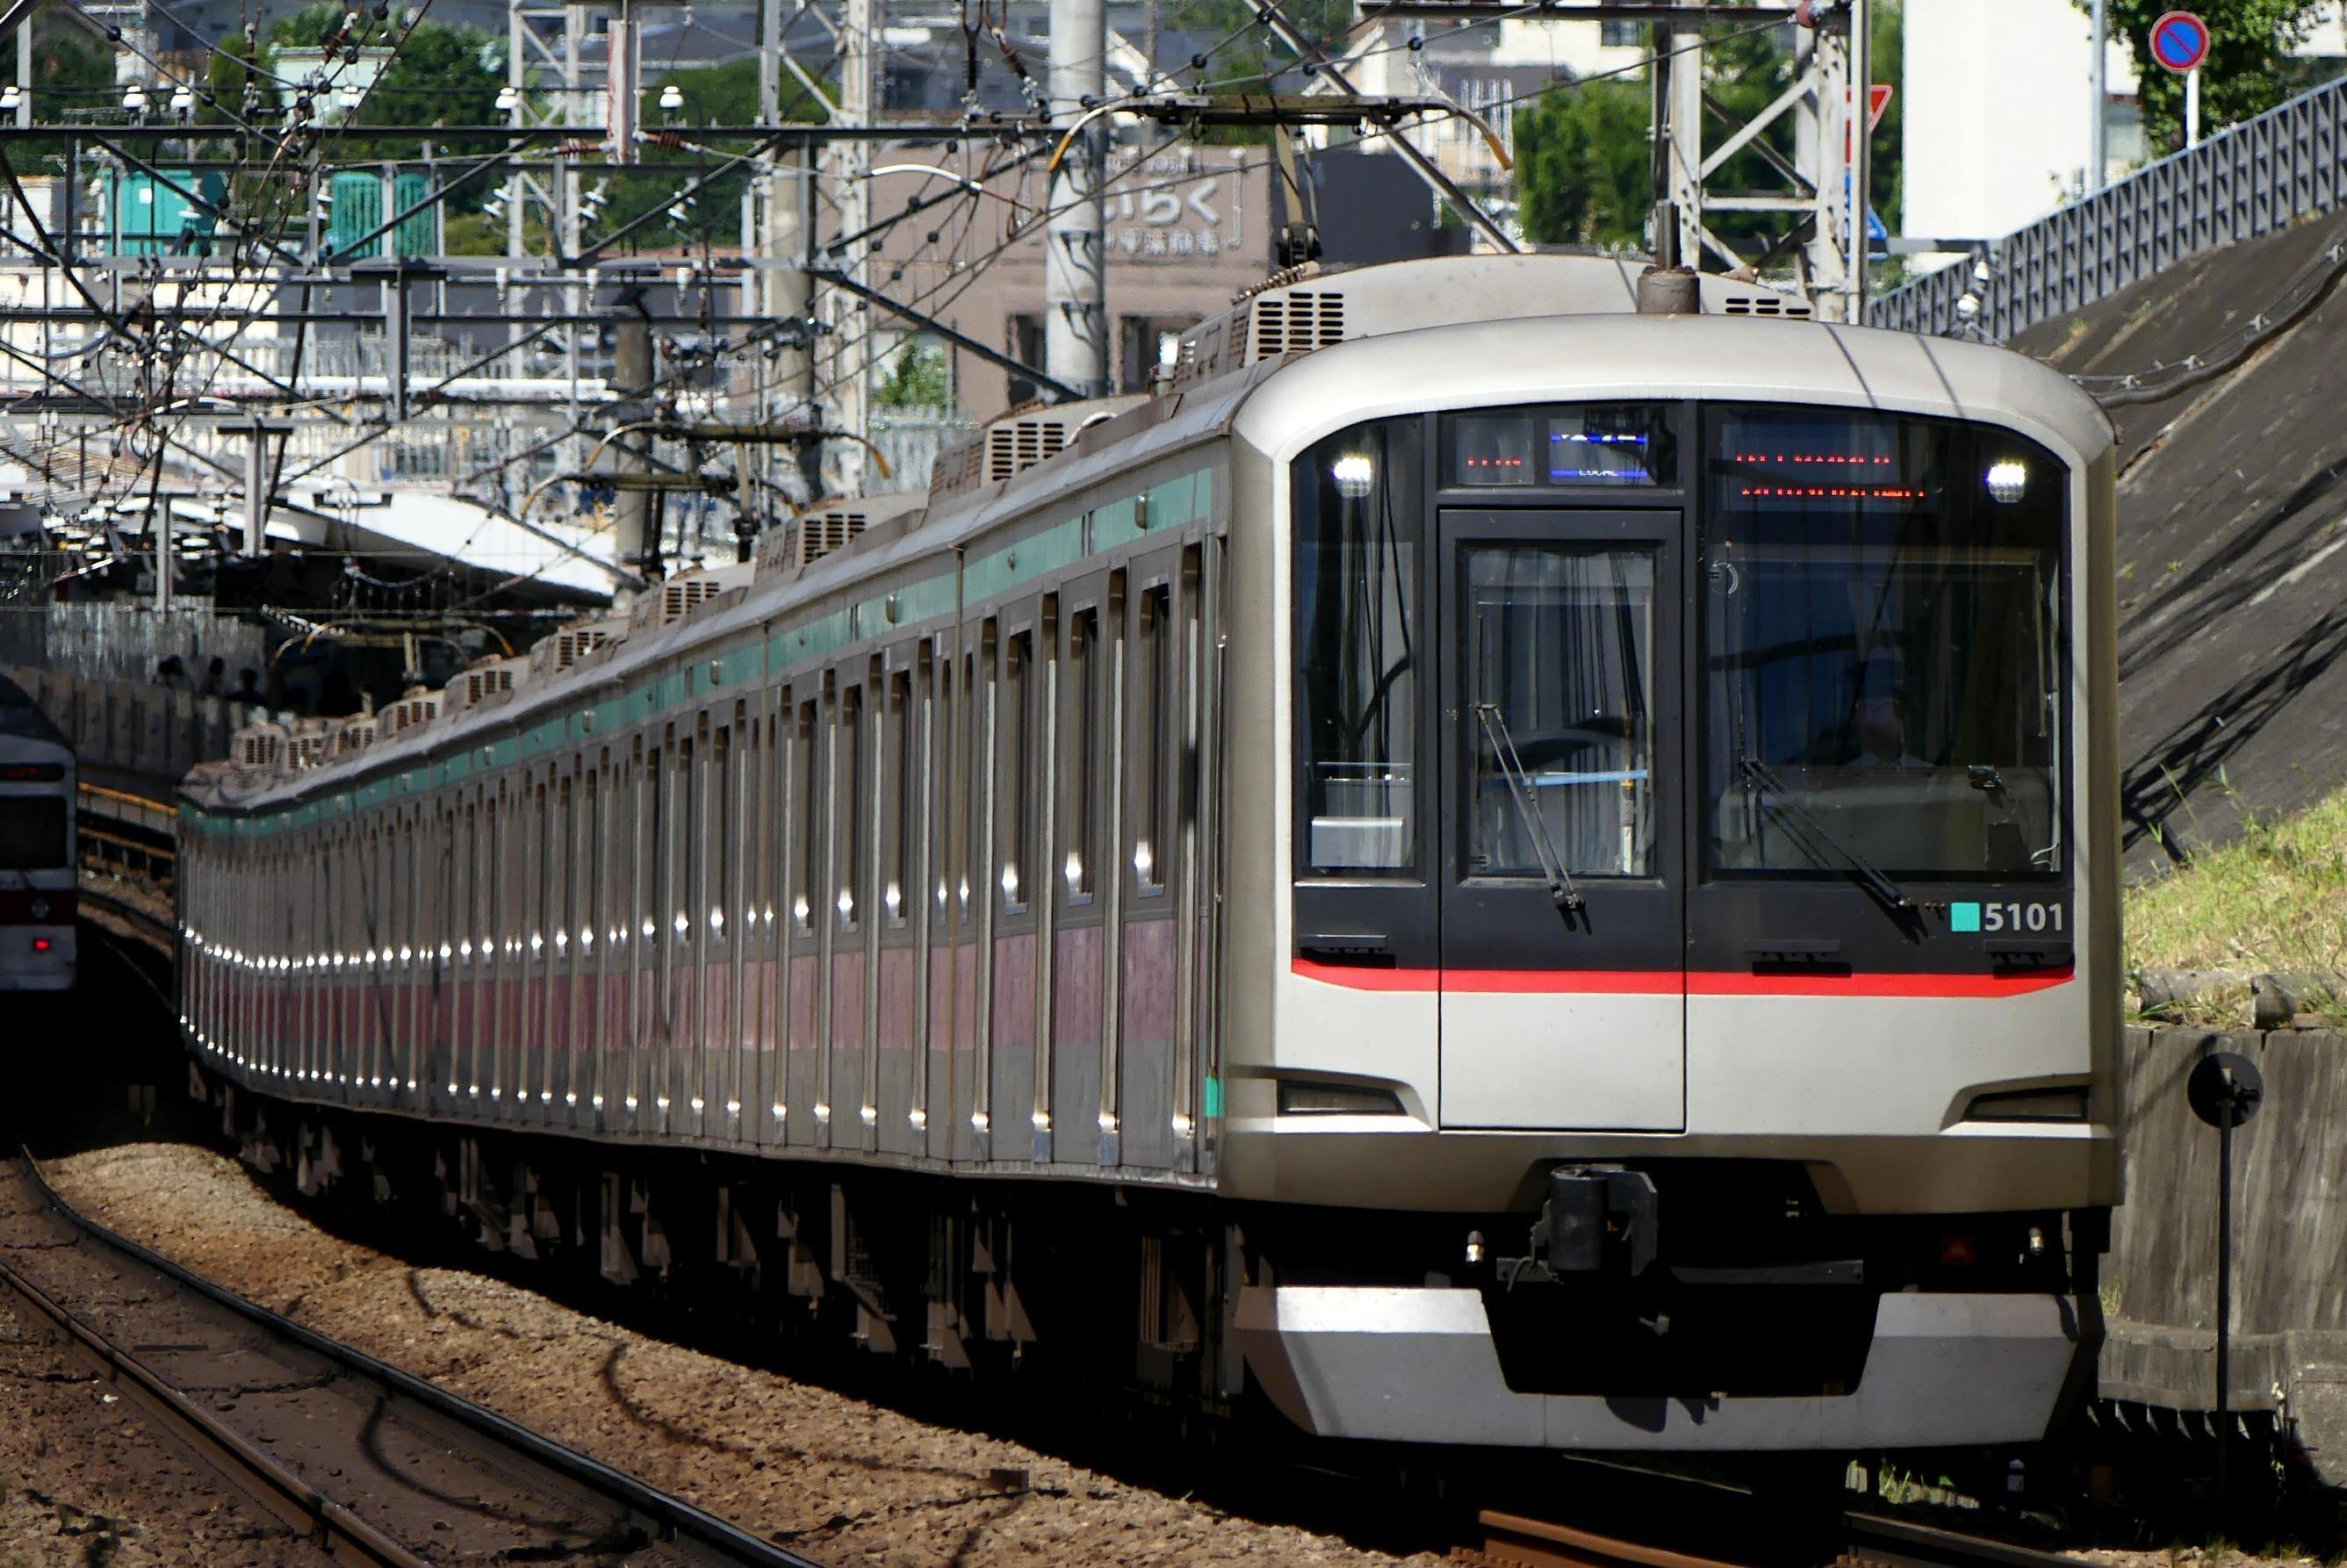 東急 東横 線 運行 状況